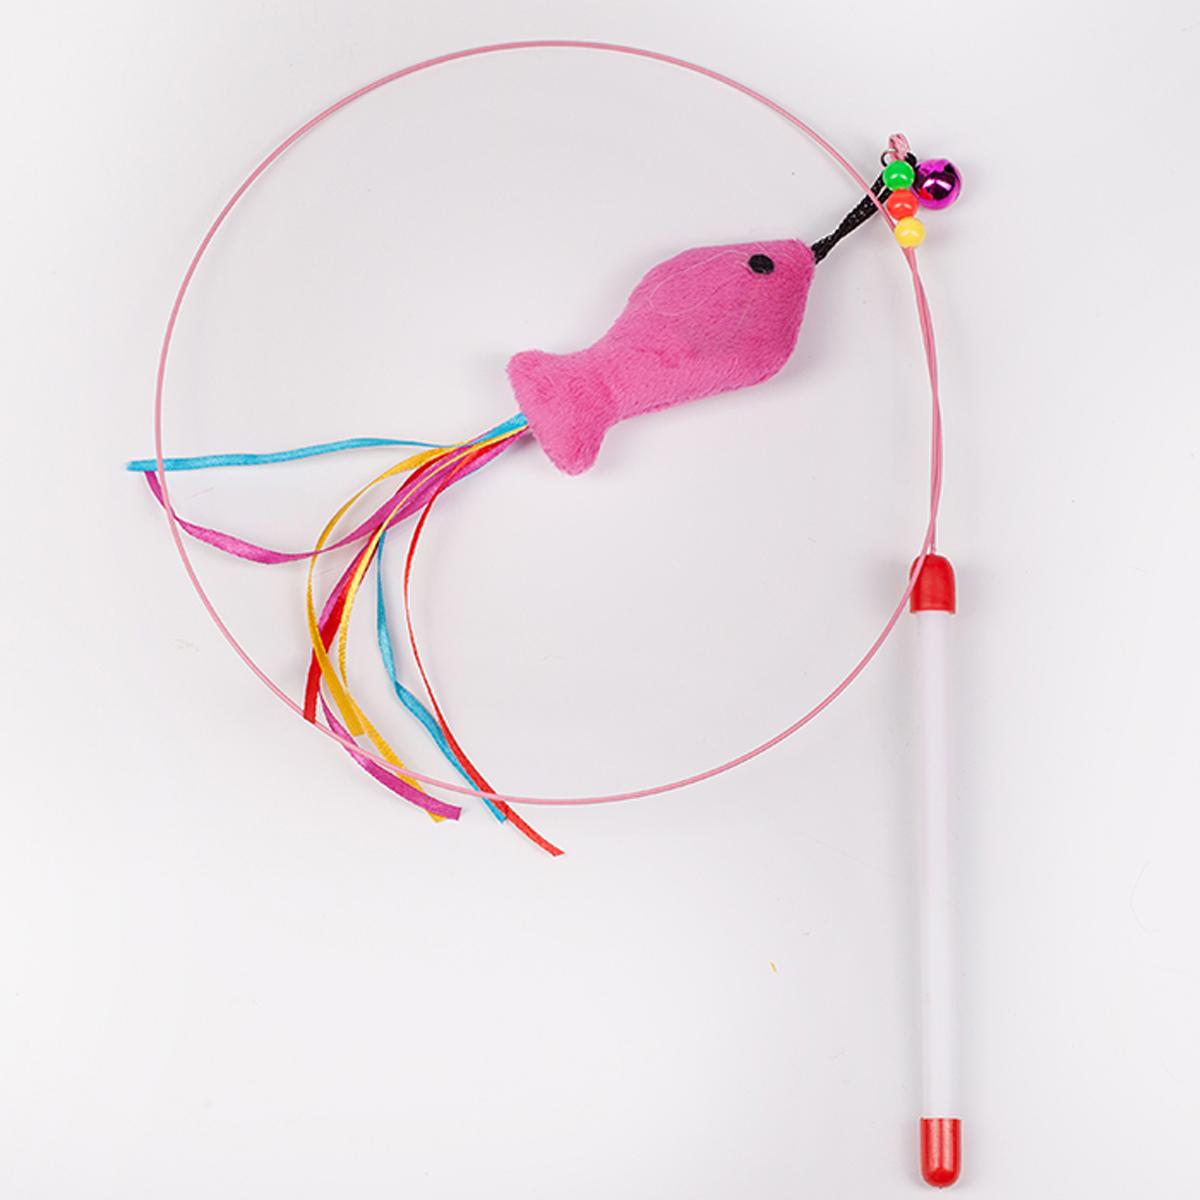 Дразнилка-удочка для кошки Грызлик Ам Лассо с рыбкой, длина 100 см